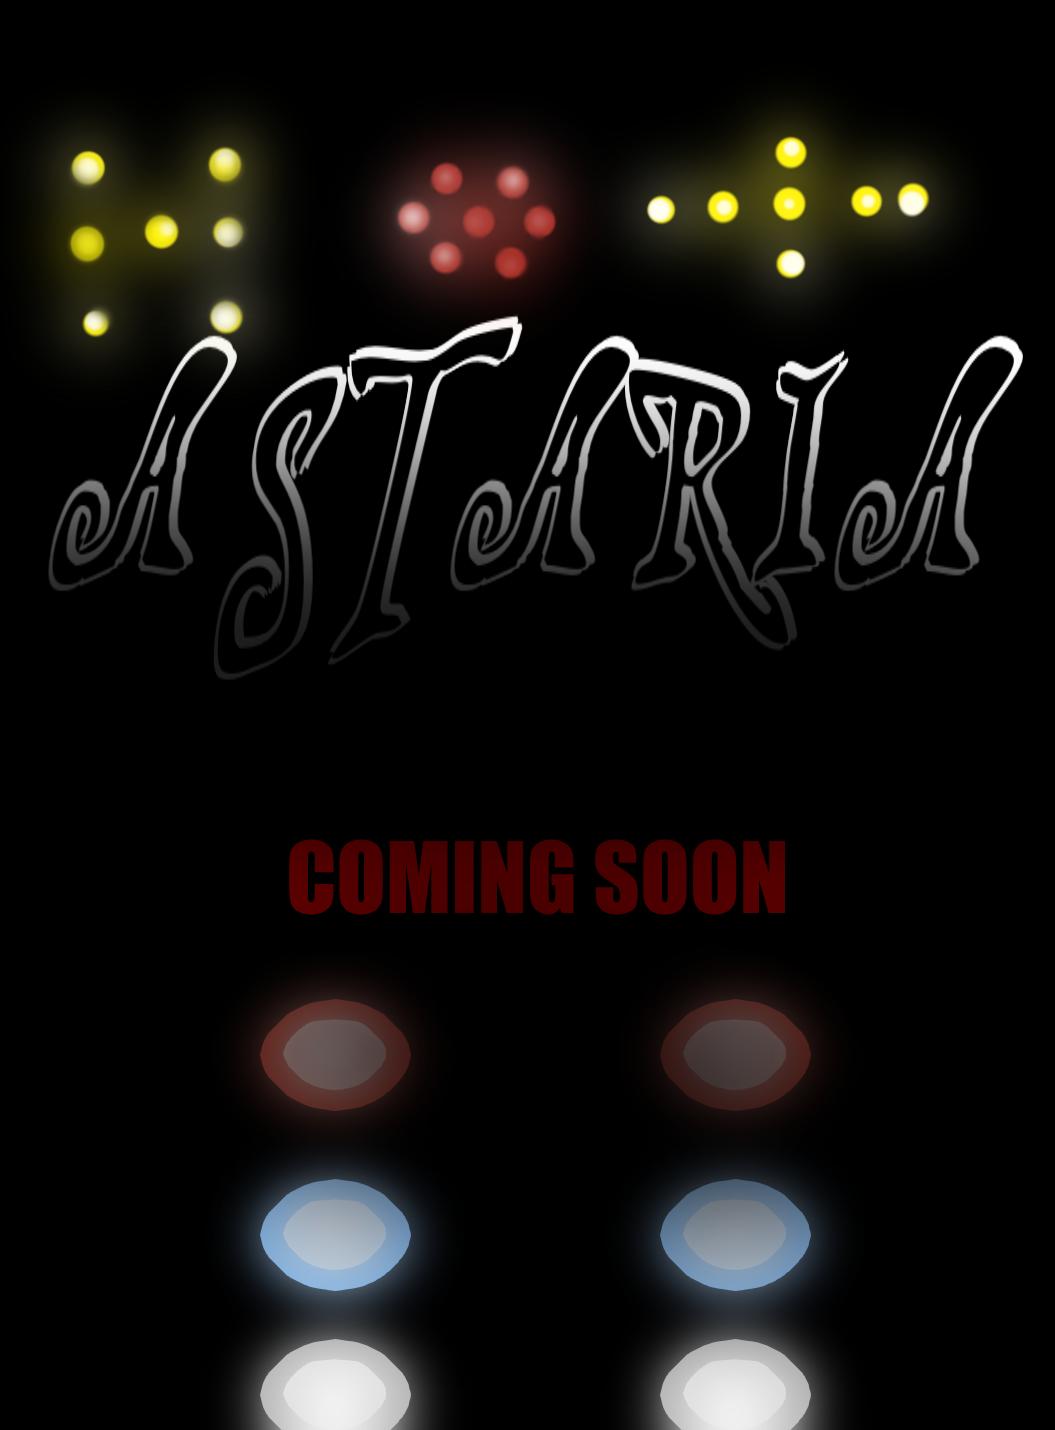 It's Coming... by NobleBlaze